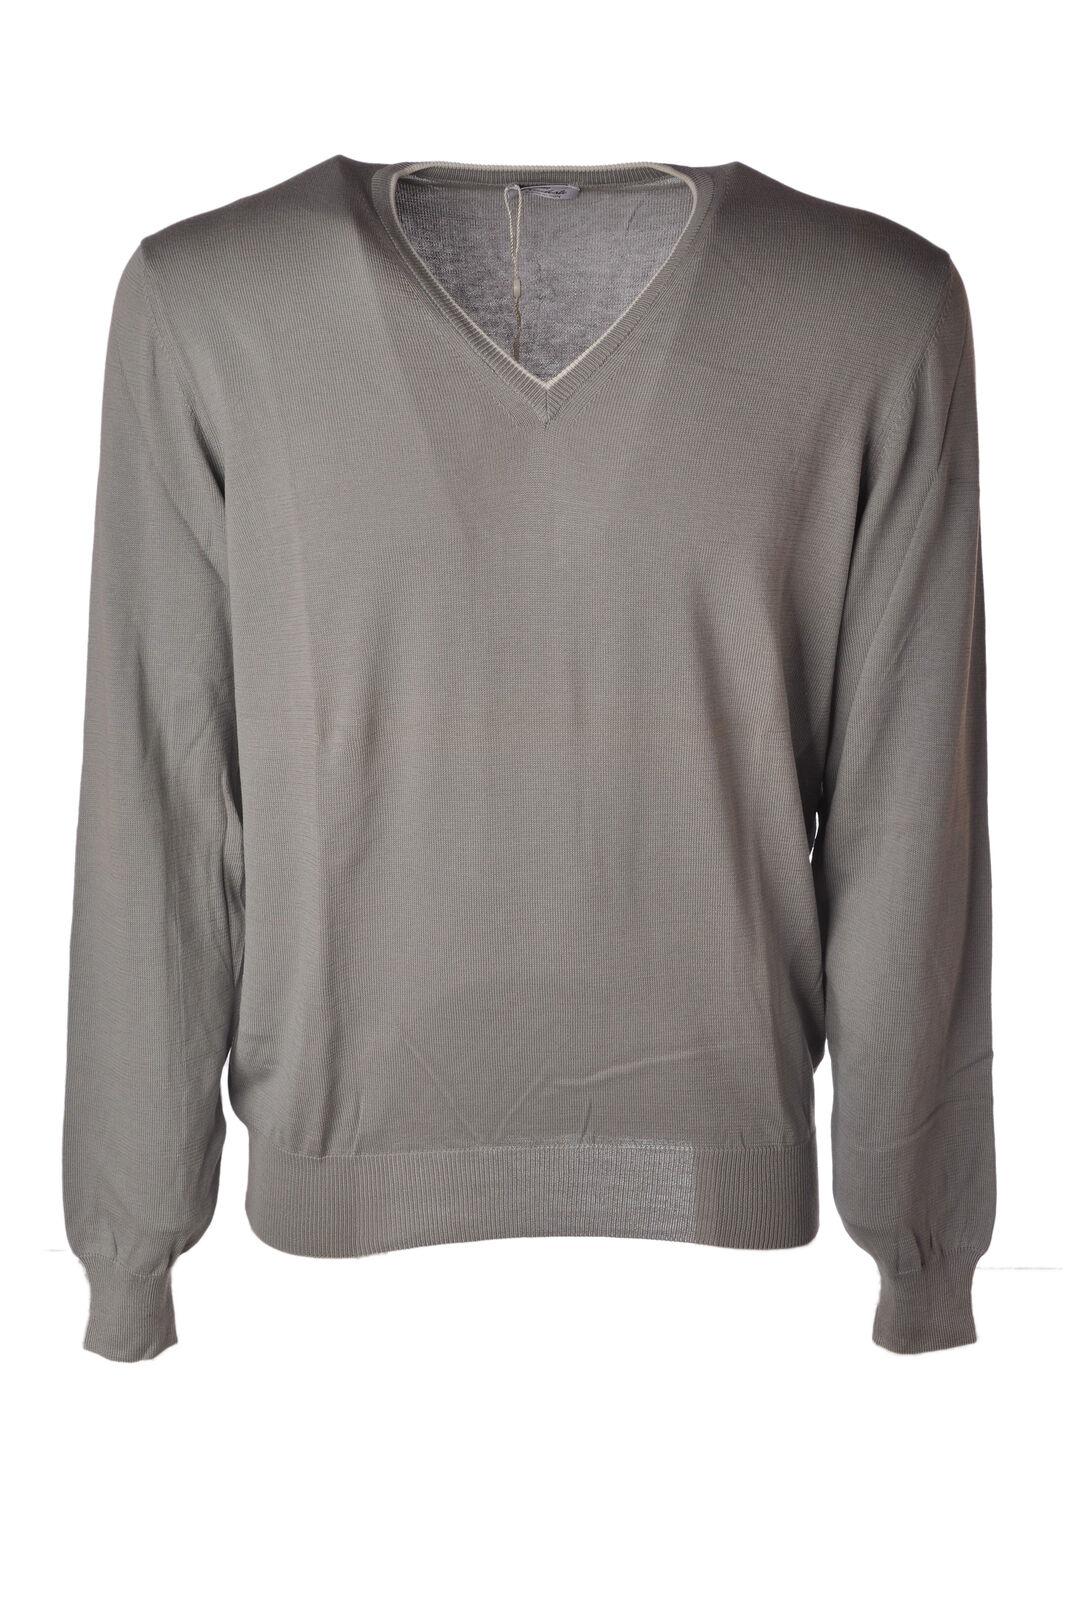 Viadeste  -  Pullover - Männchen - Grau - 4678521A185517